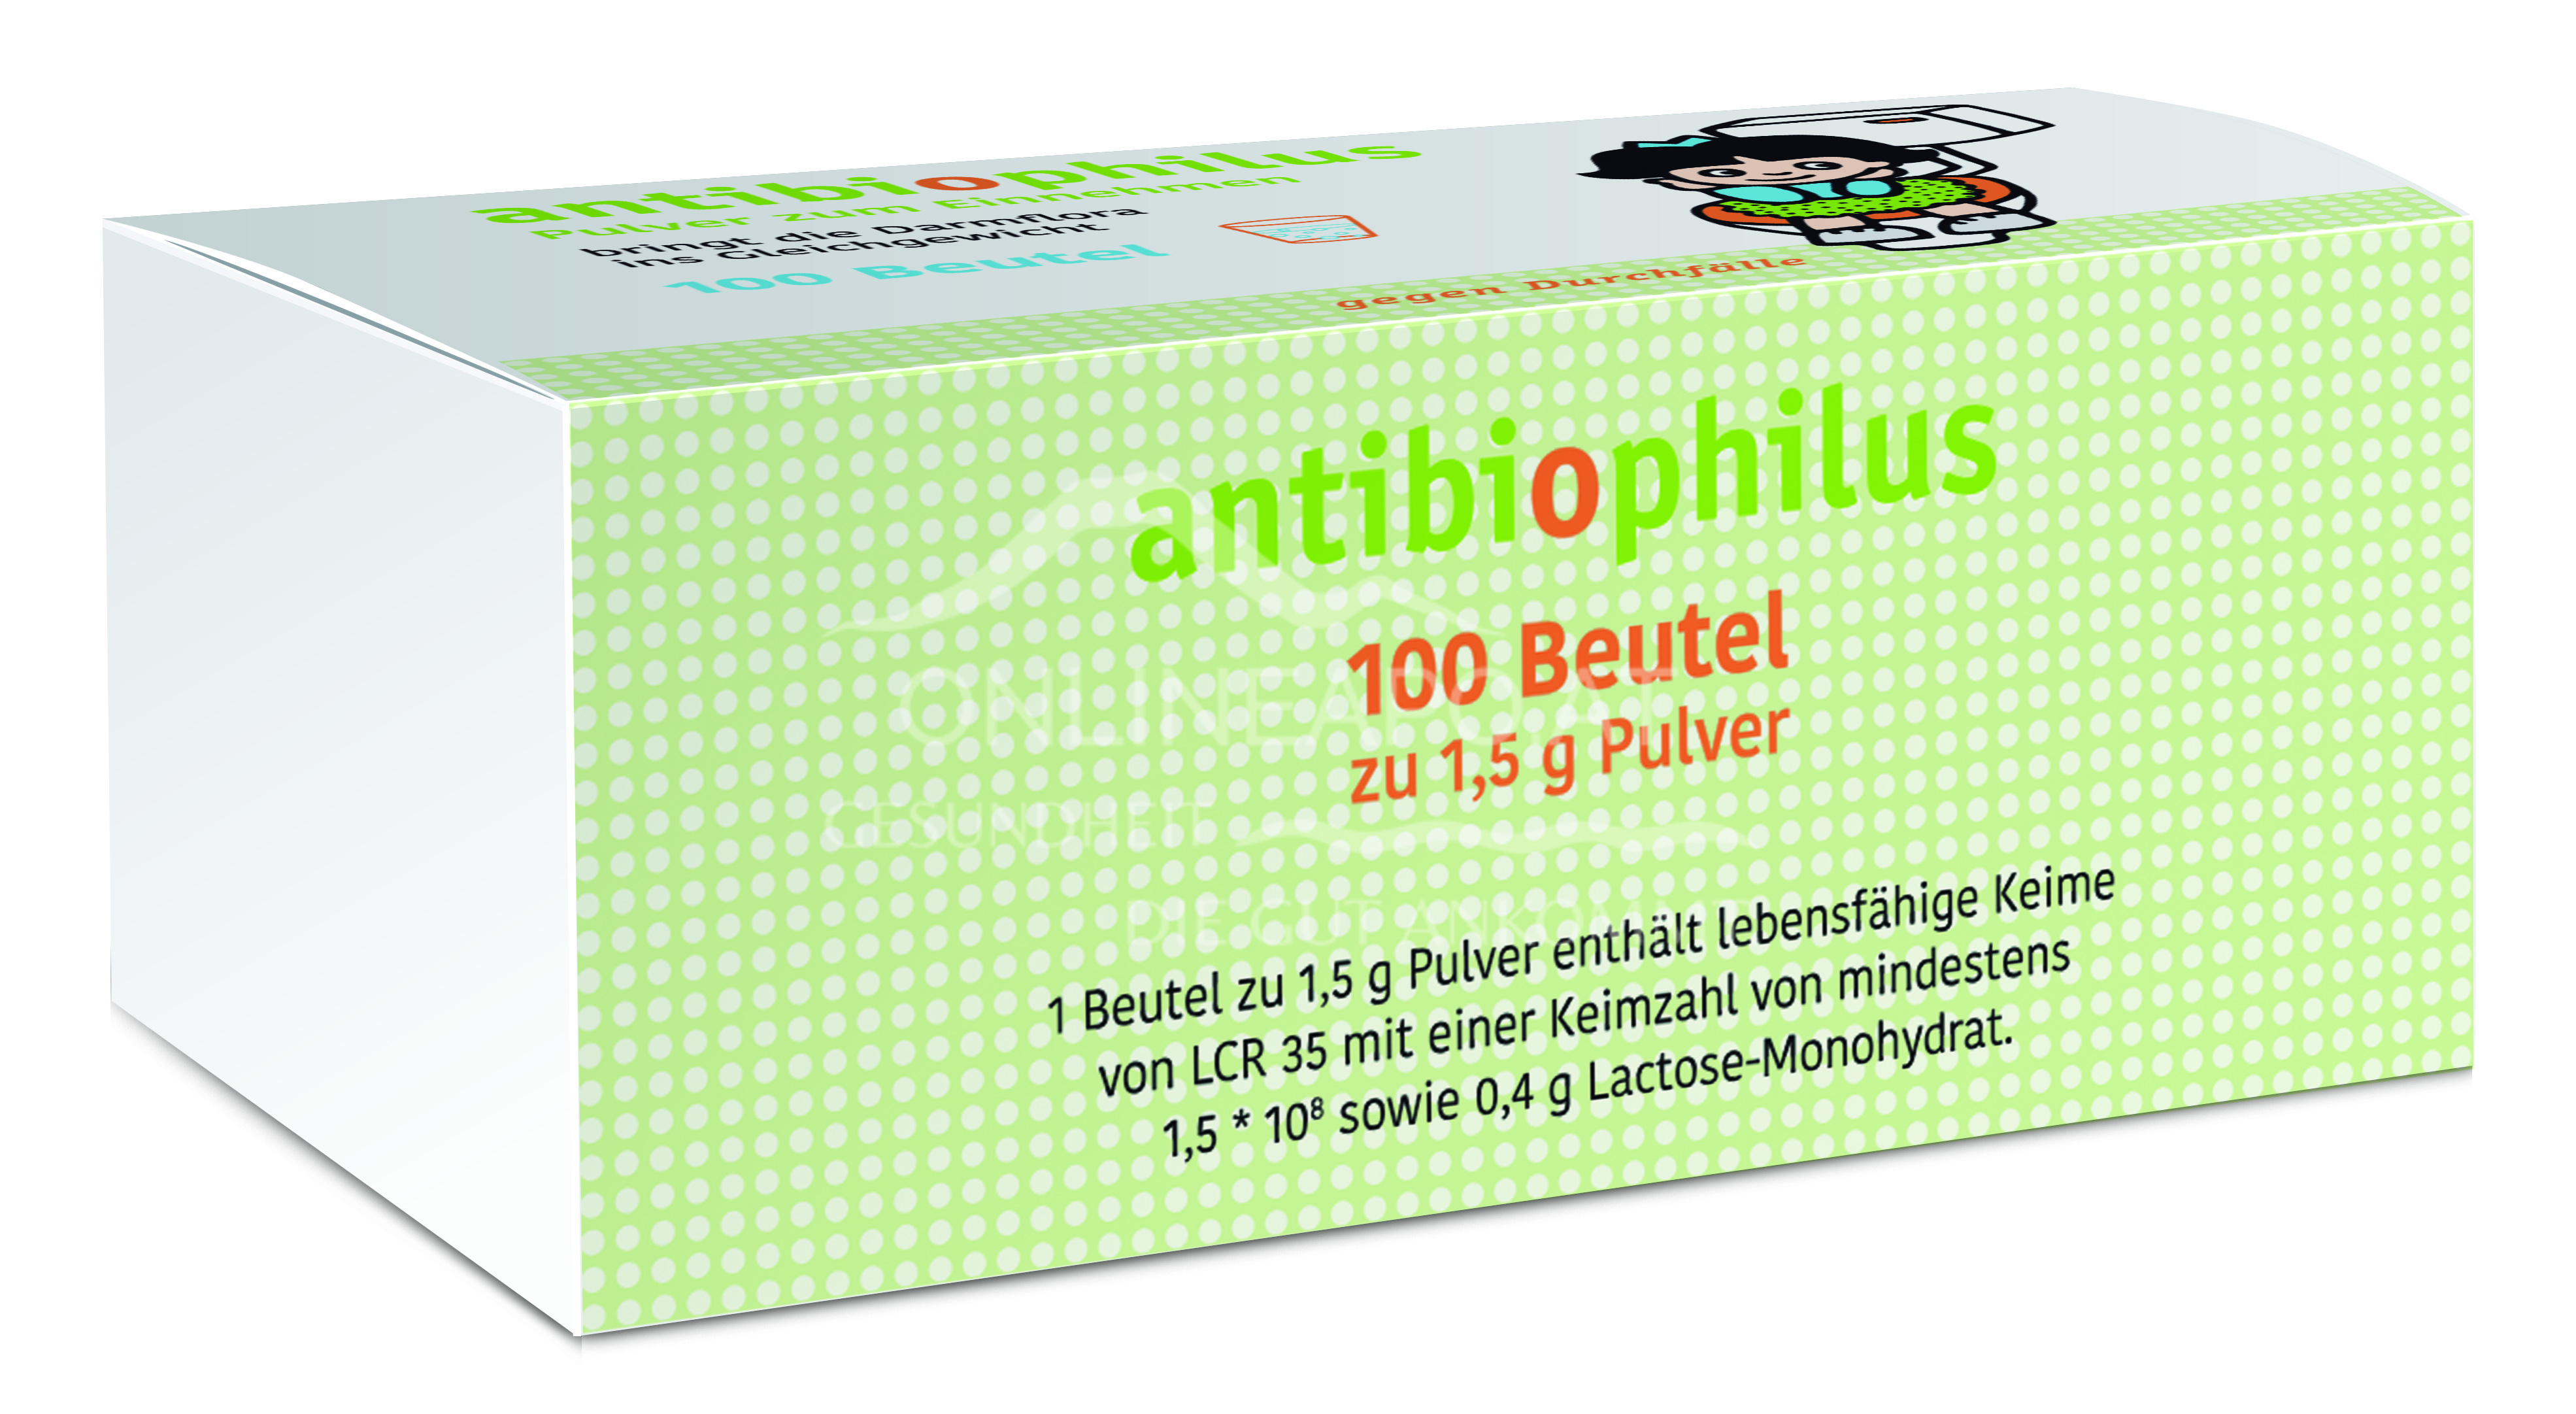 Antibiophilus Beutel